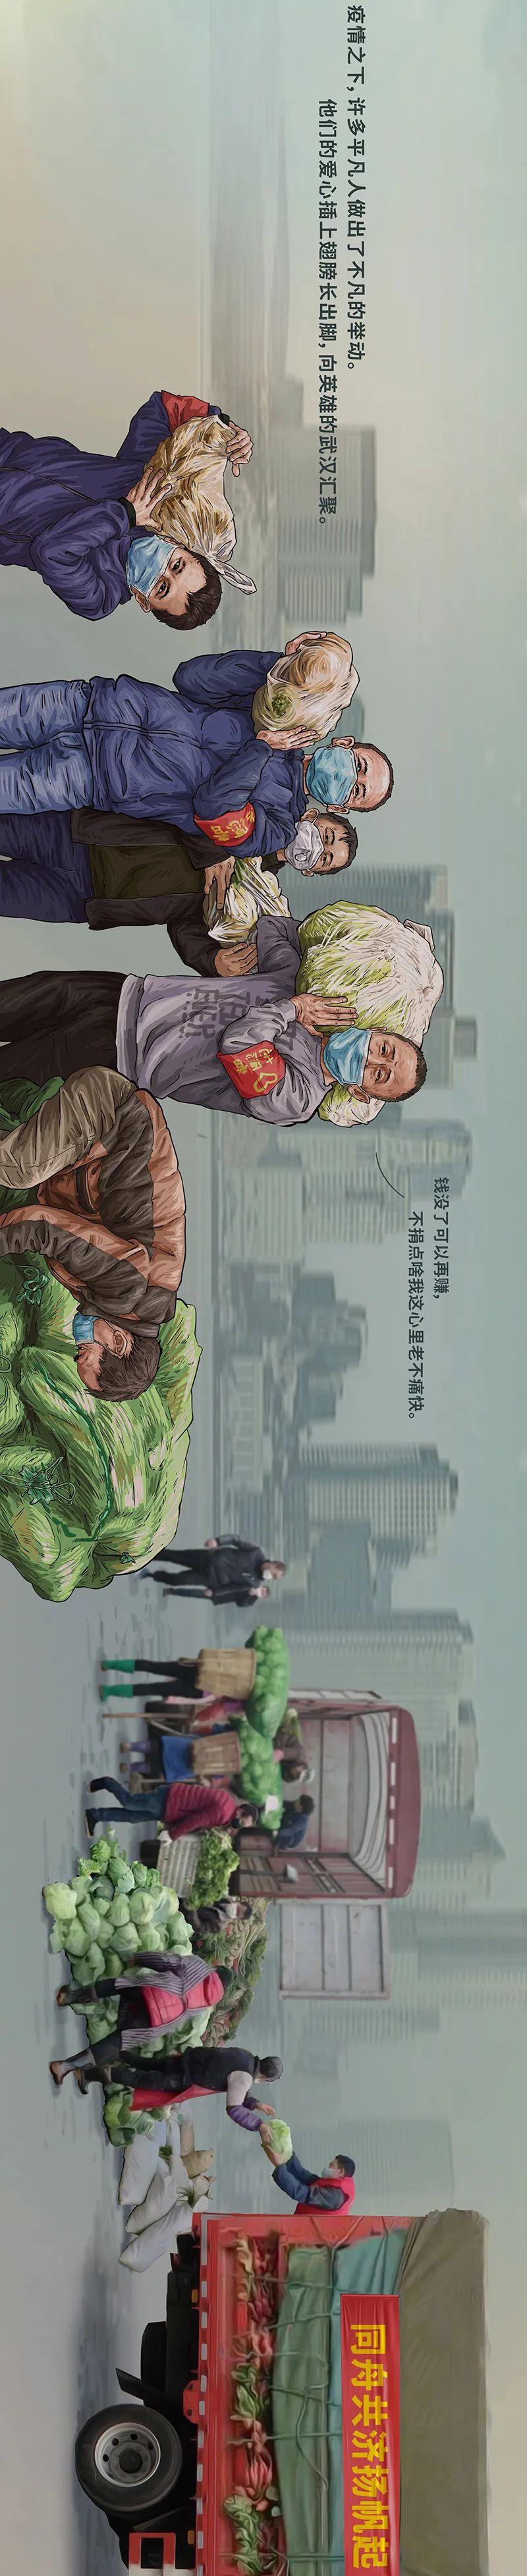 1098厘米,中国抗疫图鉴,十米长图记录中国抗疫历程,从举家团圆到举国抗疫